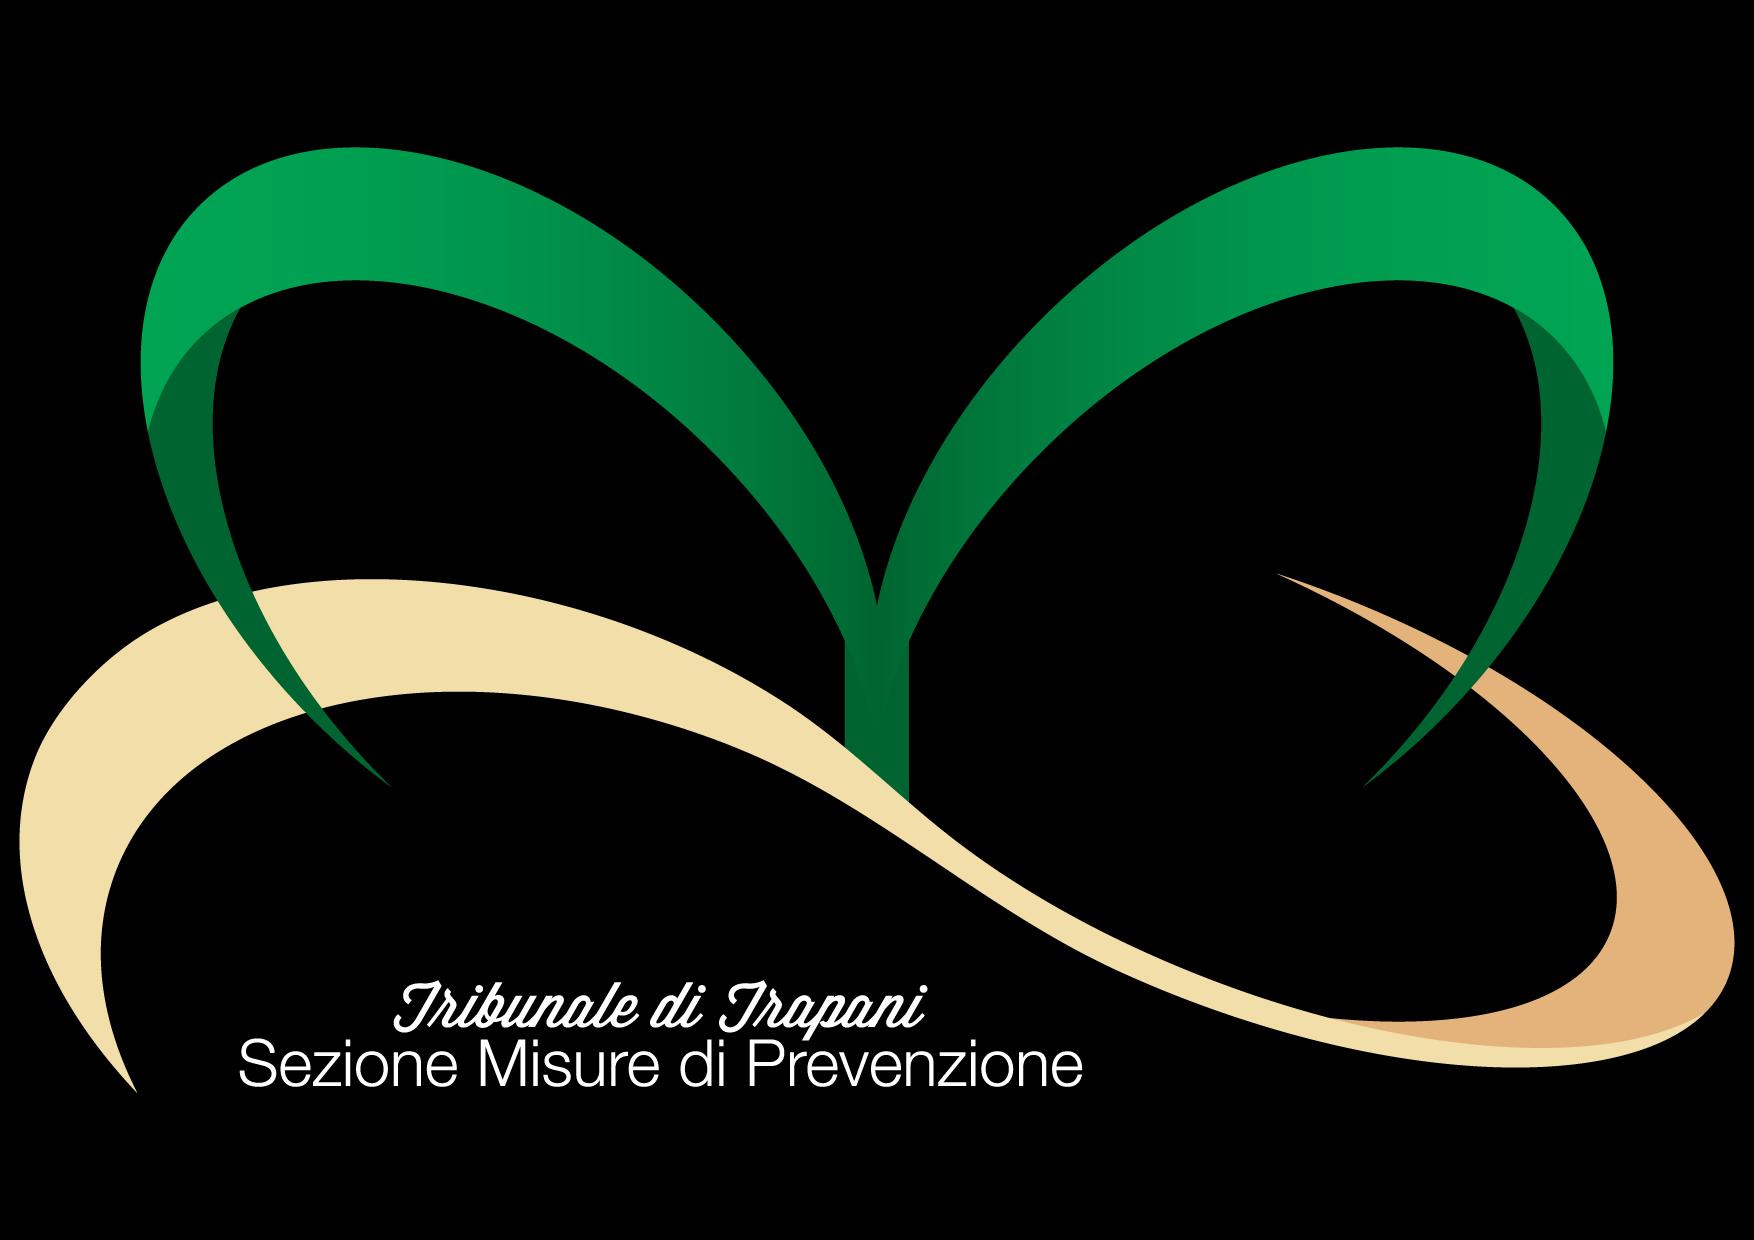 Germoglio di Giustizia - Logo su fondo nero